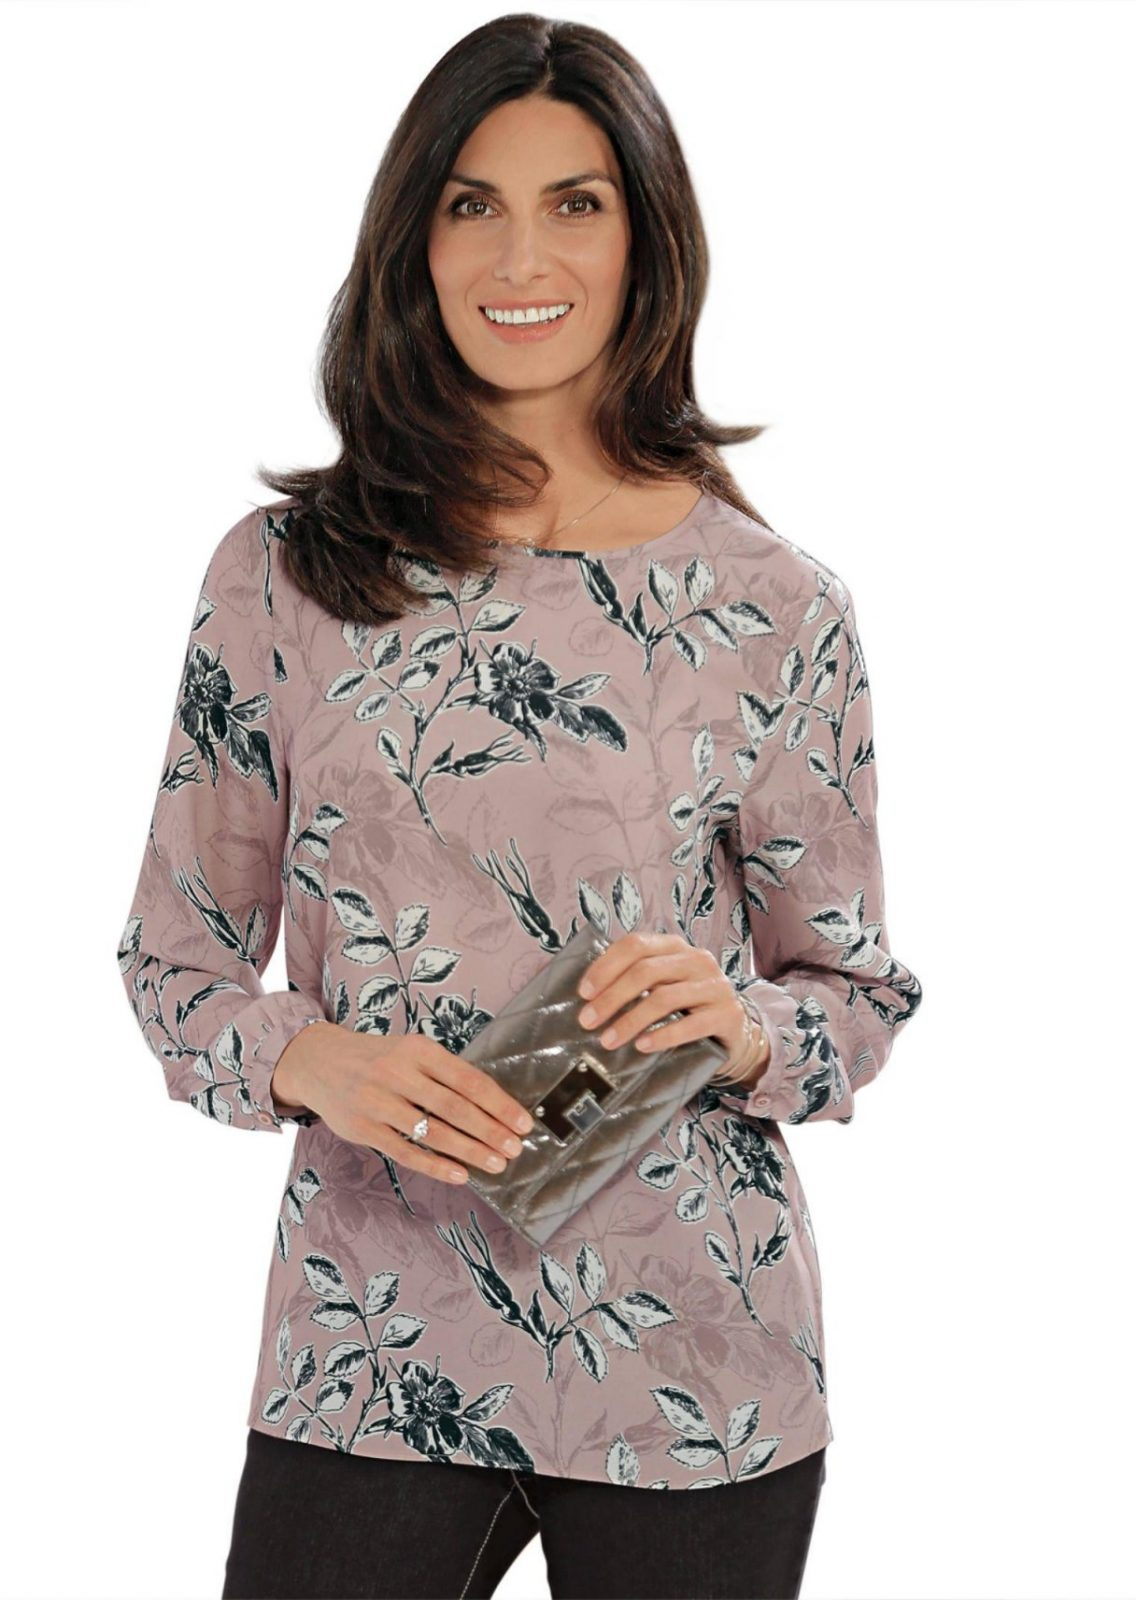 Bügelarme Bluse In Angenehmer Ware Online Kaufen  Atelier Goldner von Atelier Goldner Schnitt Lagerverkauf Photo